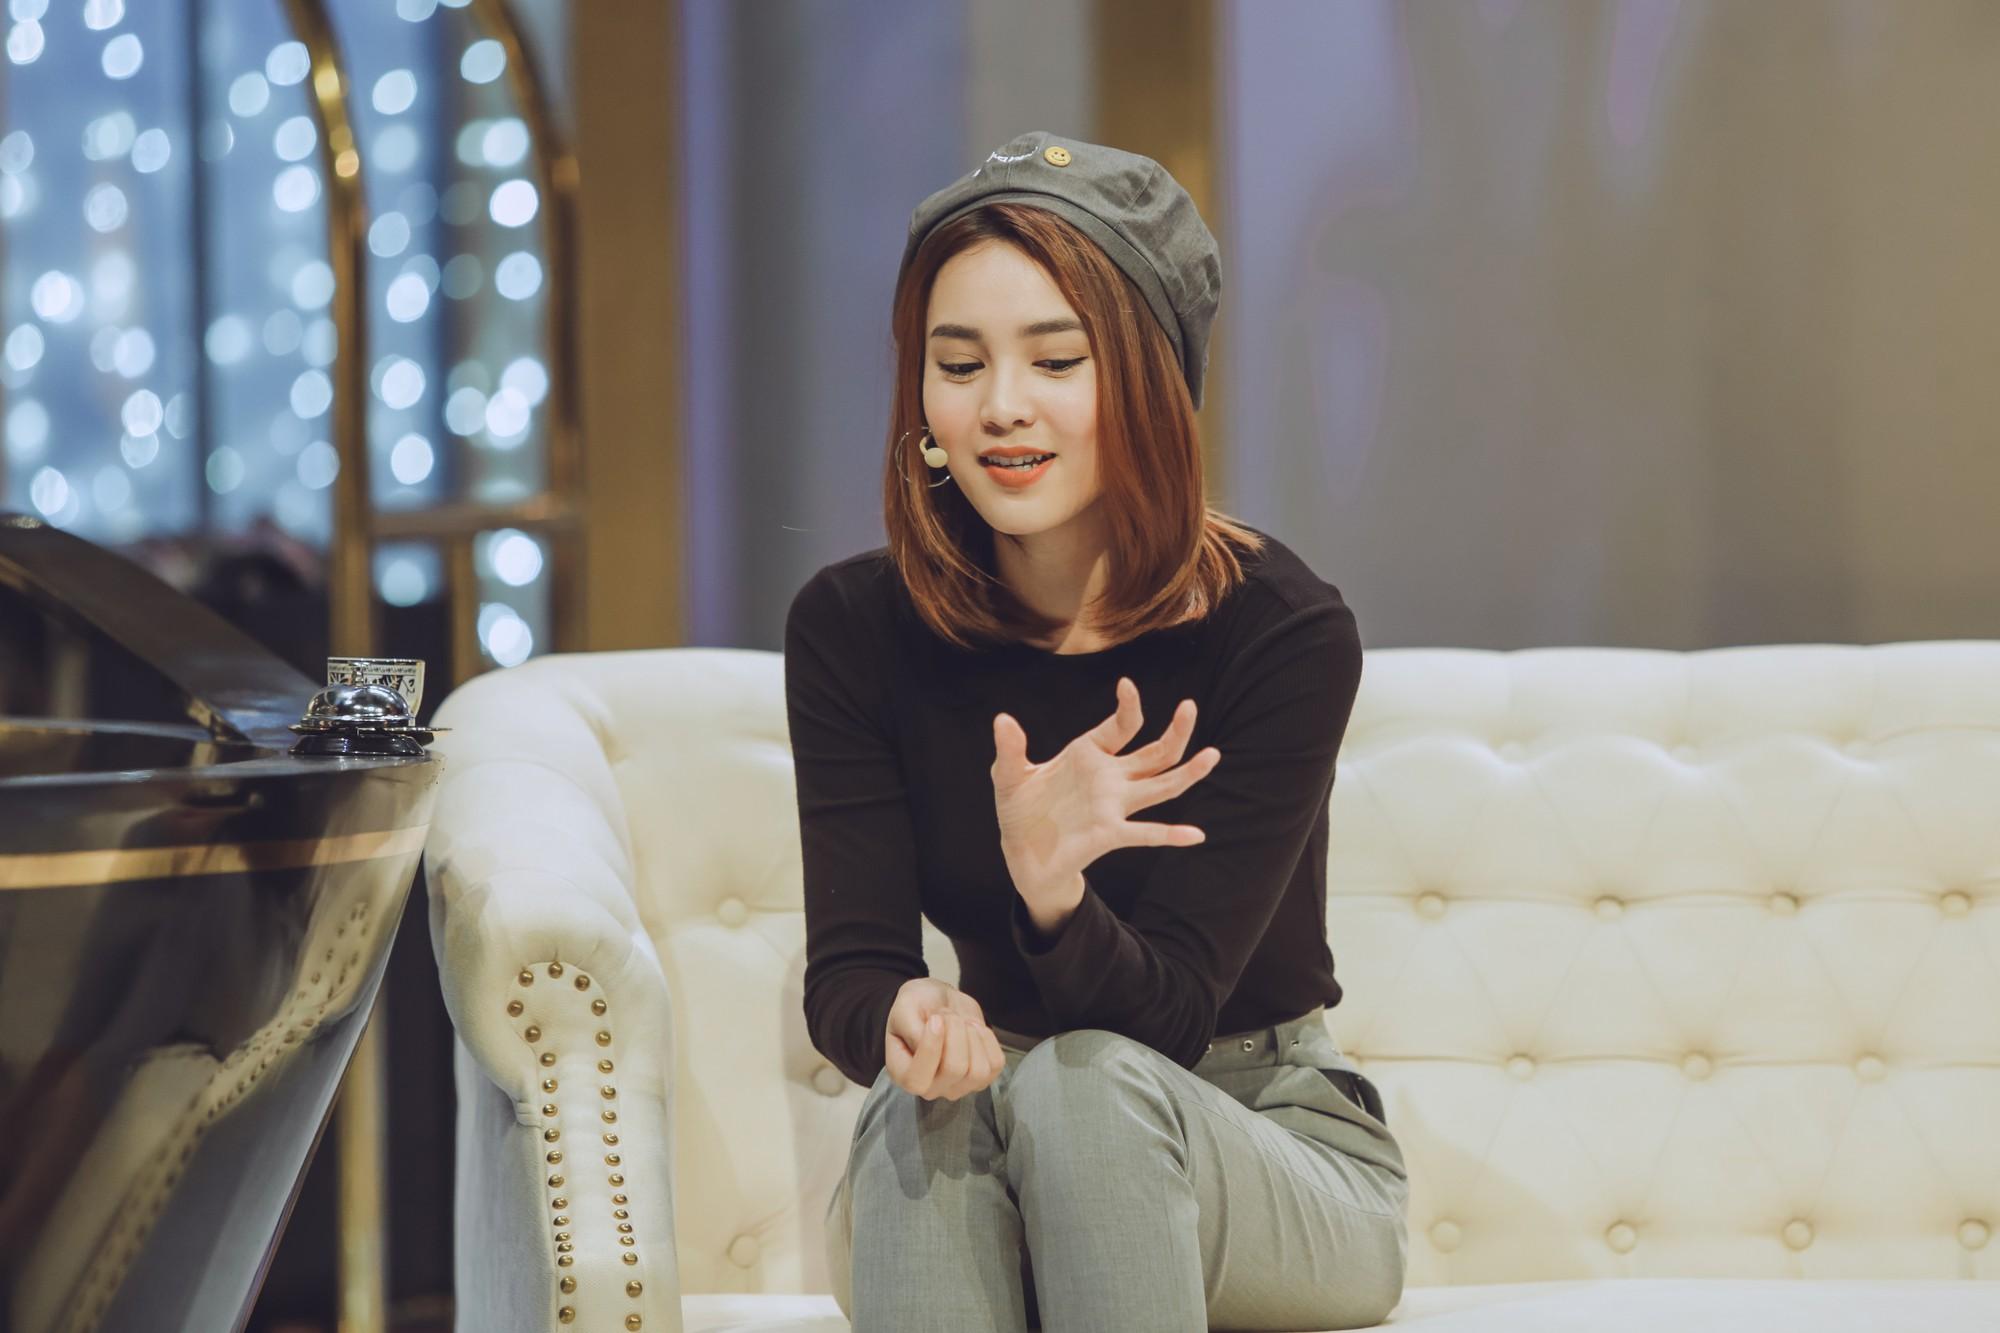 Cô Ba Sài Gòn Lan Ngọc kể về 2 mối tình trong showbiz: Tôi không có ý định kết hôn, chưa từng khóc kể cả khi chia tay - Ảnh 3.